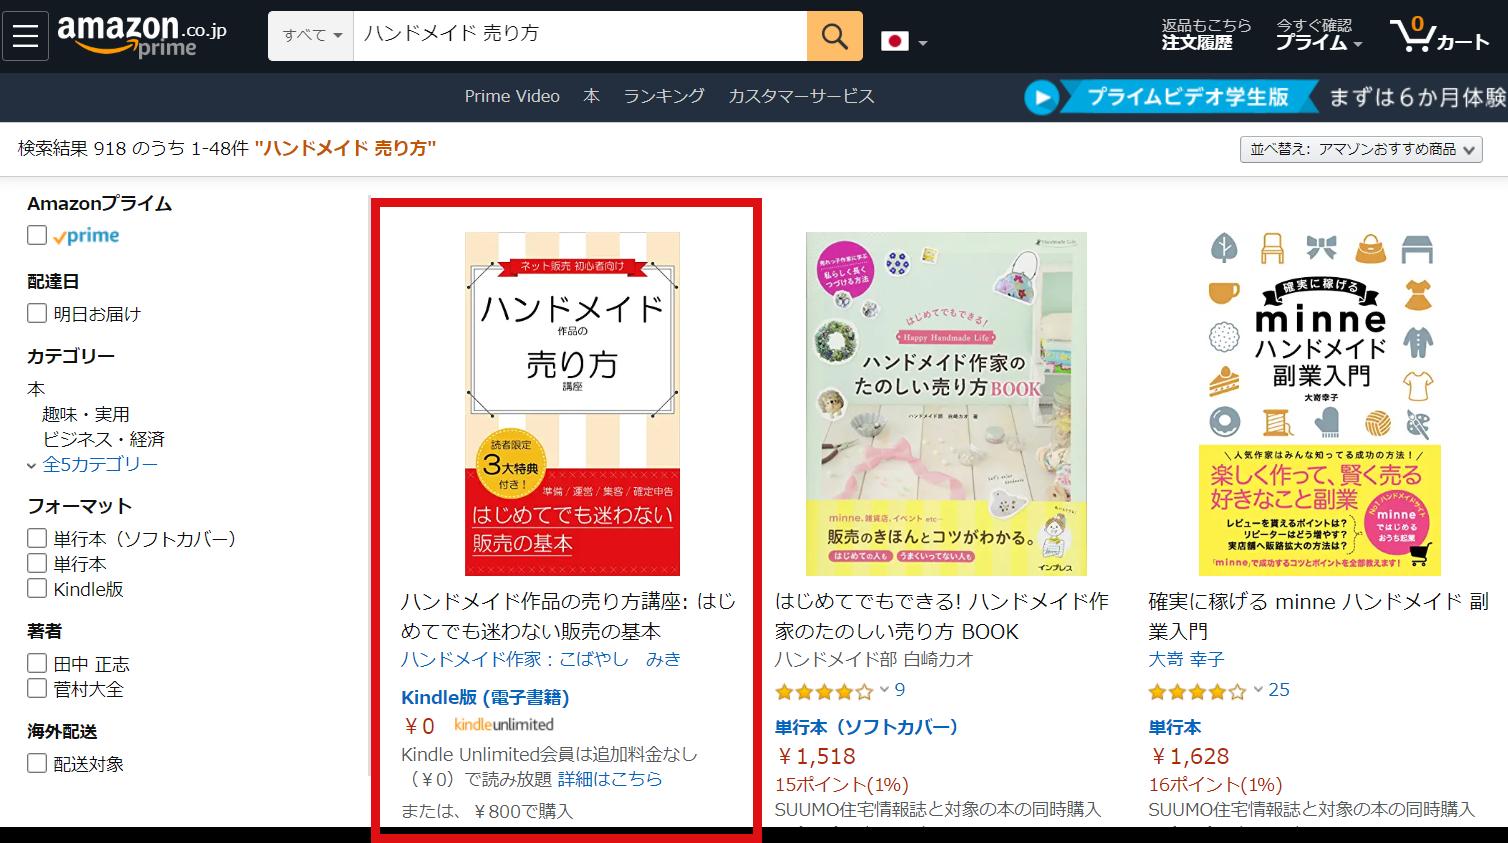 Amazonのハンドメイドの本一覧